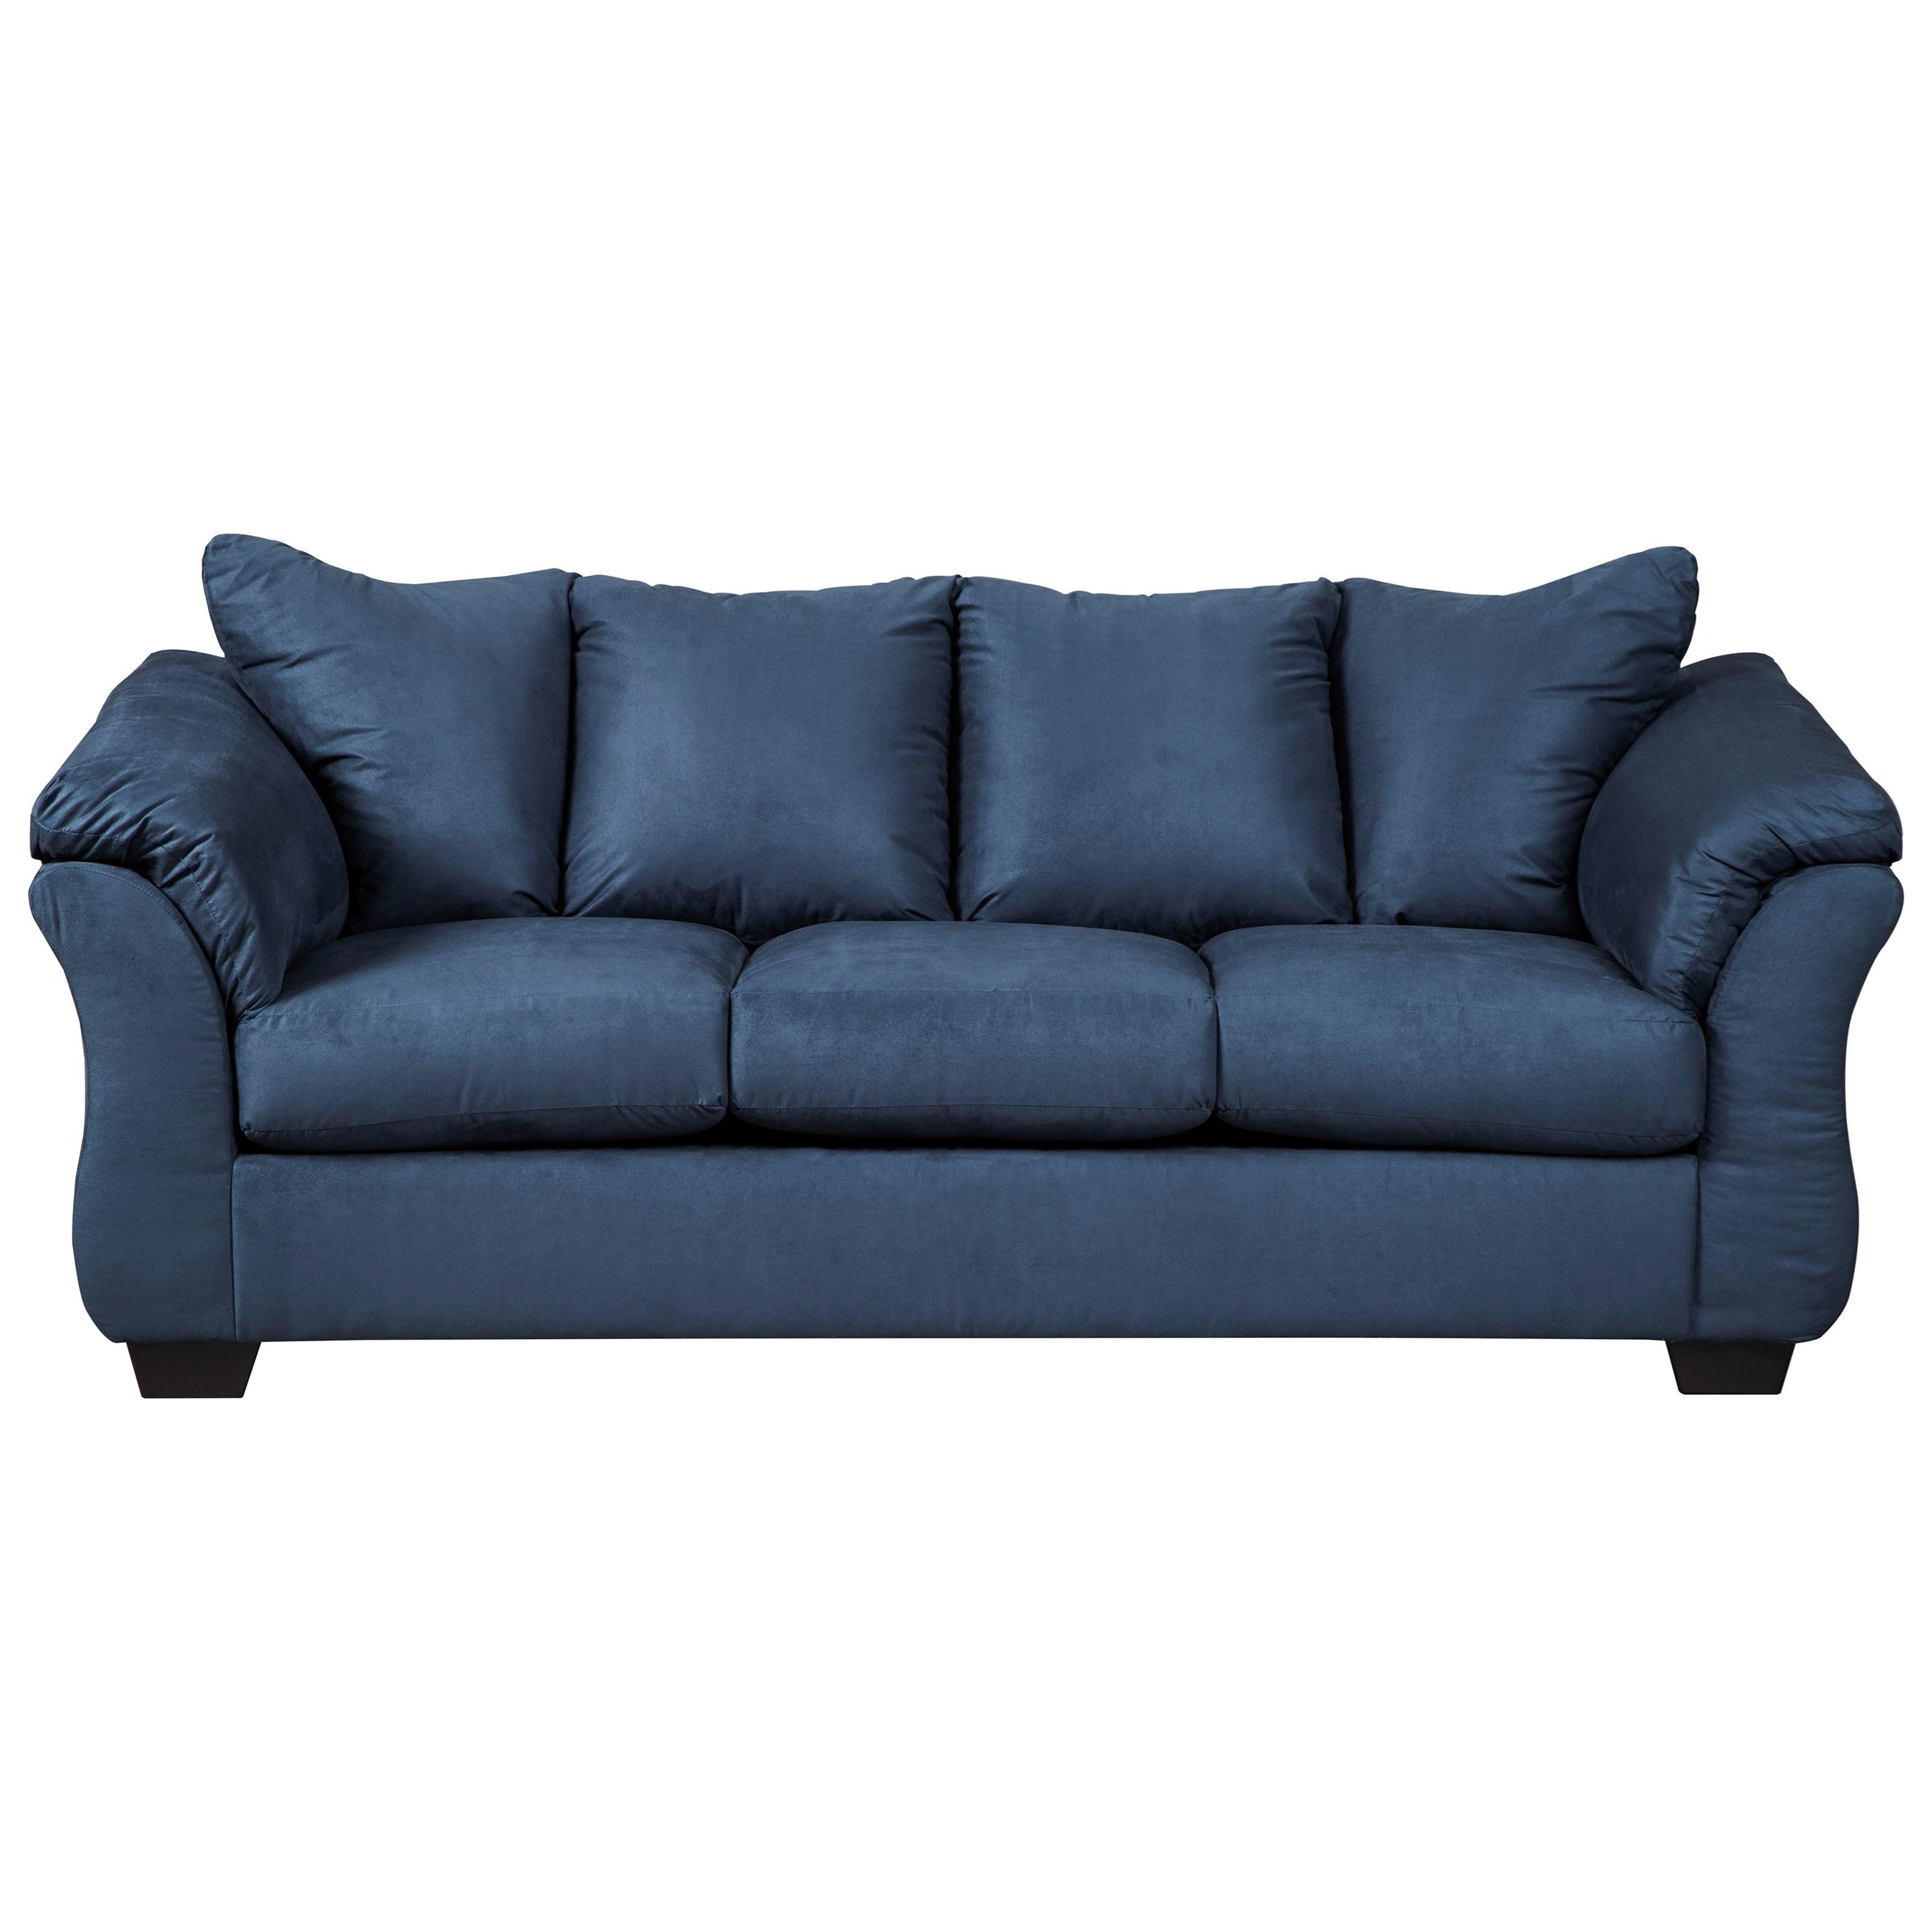 Darcy Blue Stationary Sofa